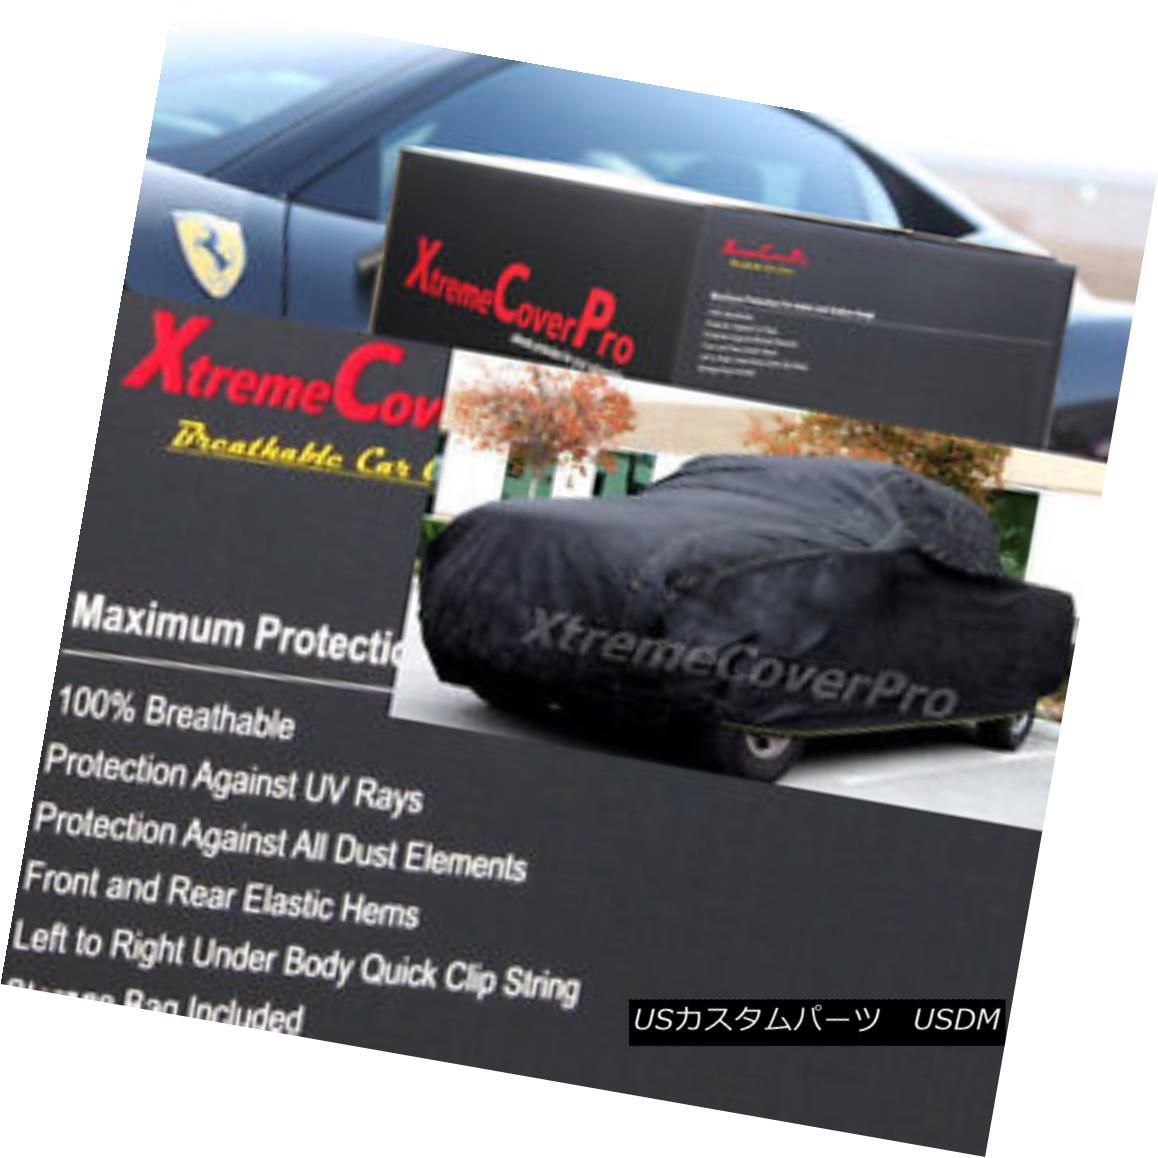 カーカバー 2008 2009 2010 2011 2012 Ford F-350 CrewCab 8ft Long Bed Breathable Truck Cover 2008 2009 2010 2011 2012フォードF-350 CrewCab 8フィートロングベッド通気性トラックカバー